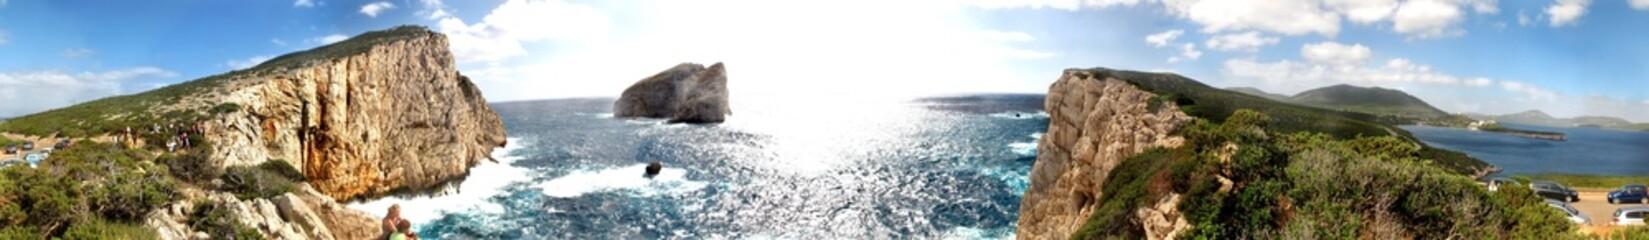 Panorama marittimo, rocce su cielo blu controluce